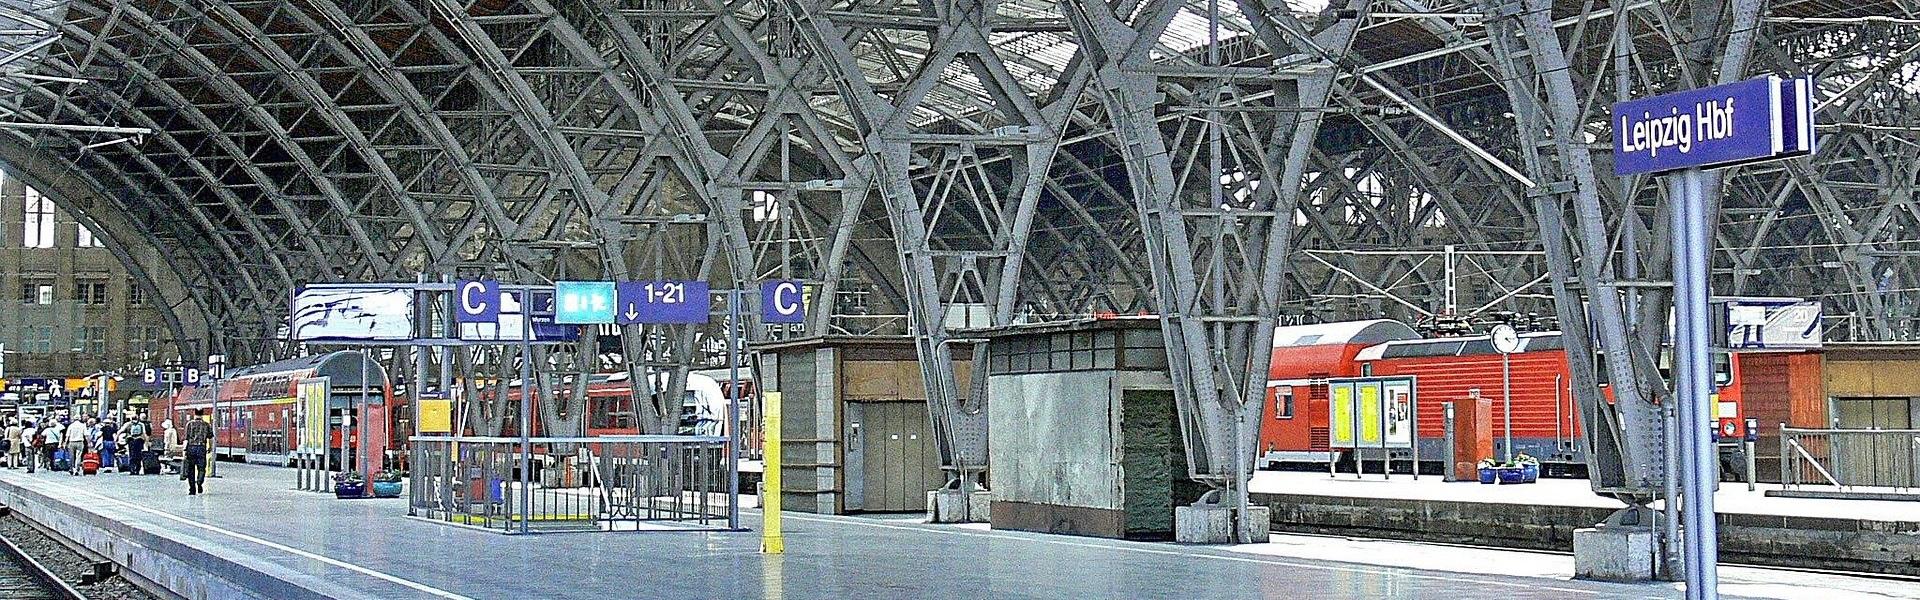 Nos conseils pour voyager : arrivée, transport et Leipzig Card